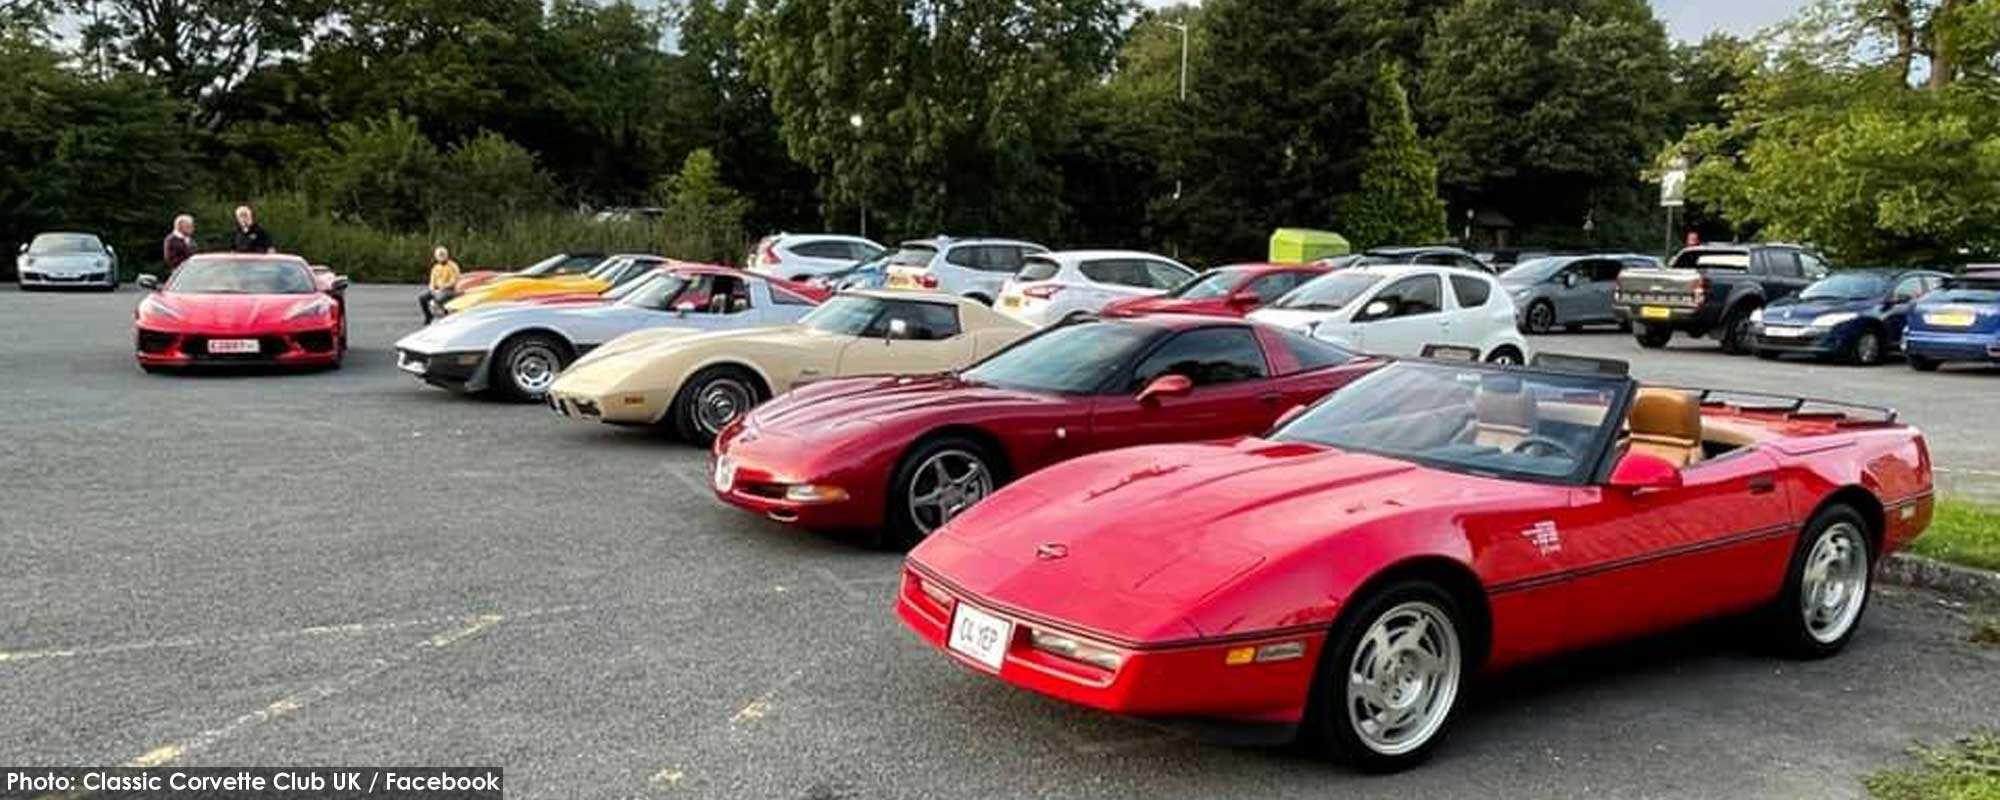 Classic Corvette Club UK